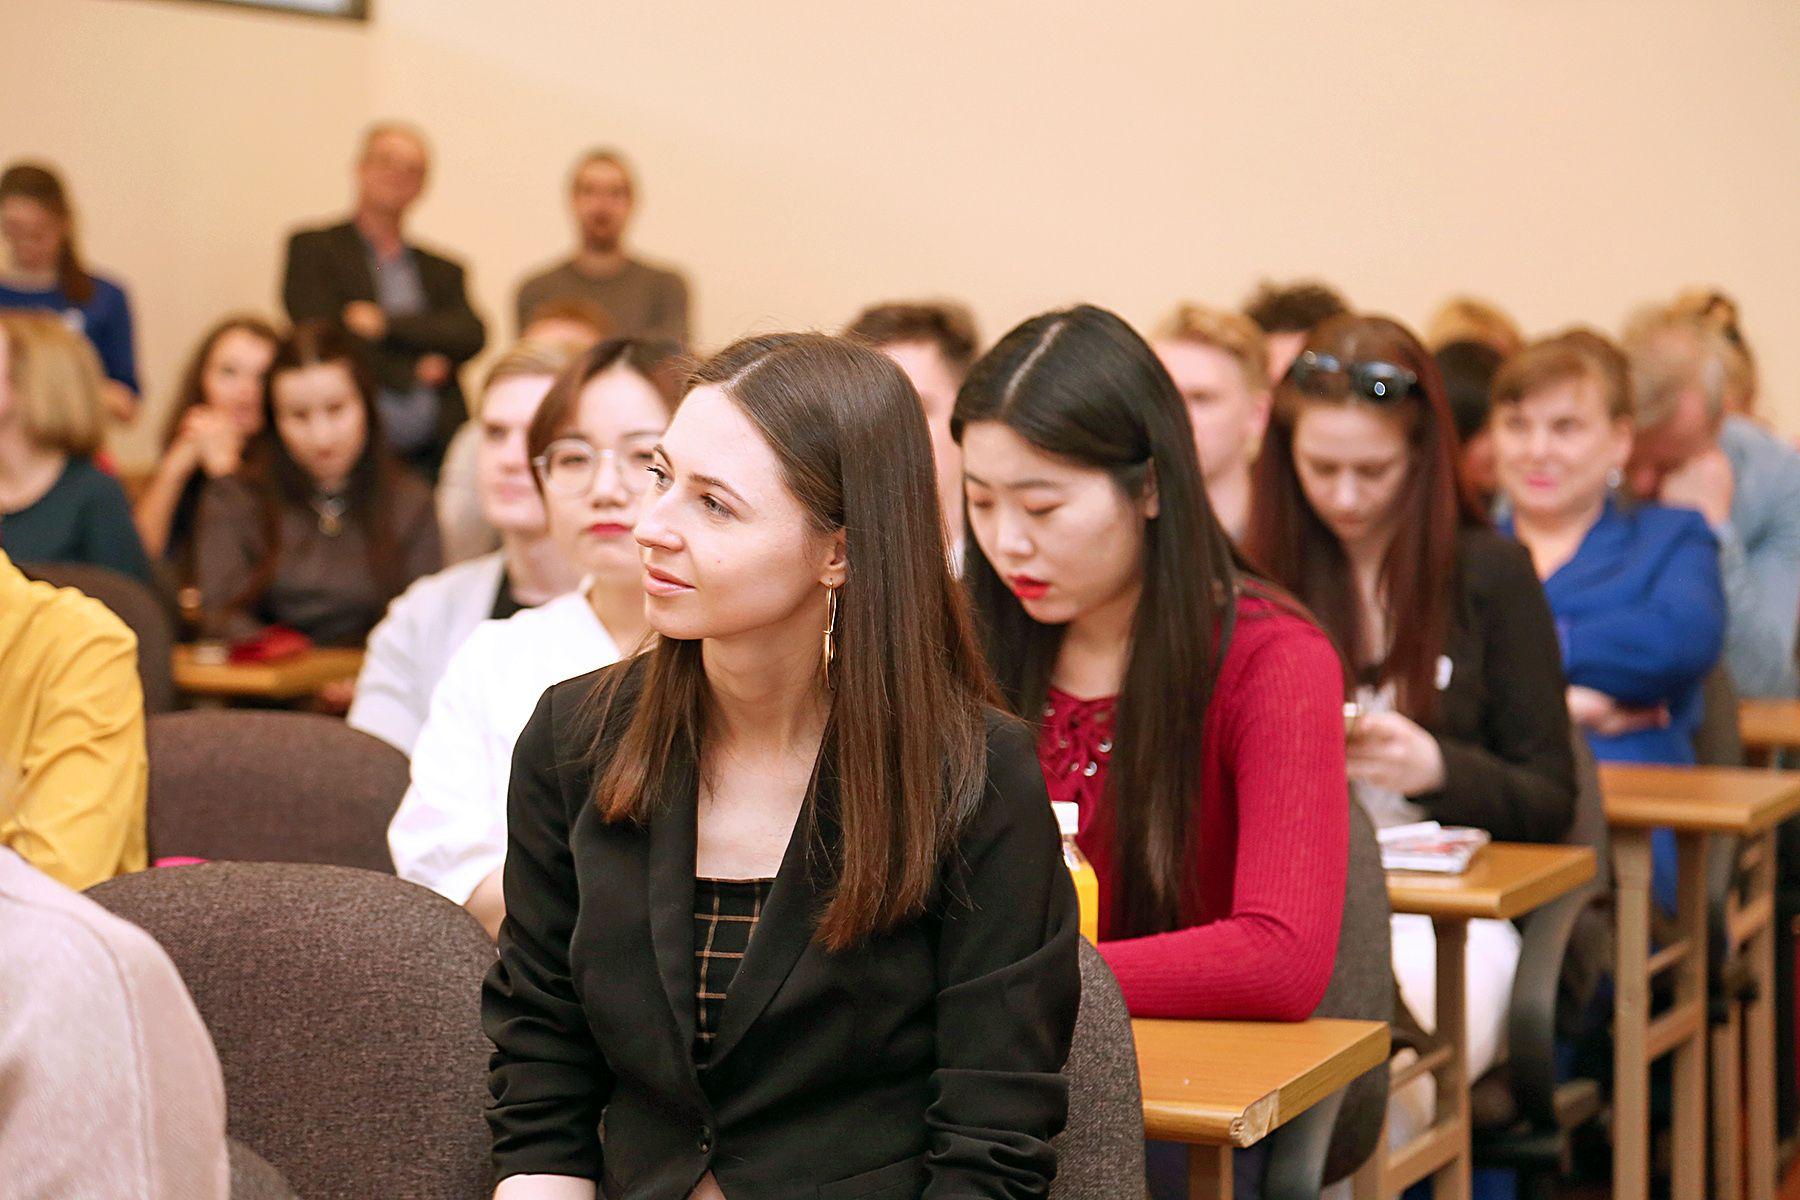 Молодые учёные вузов России и зарубежья представили своё видение интеграции науки и практики на международной конференции во ВГУЭС